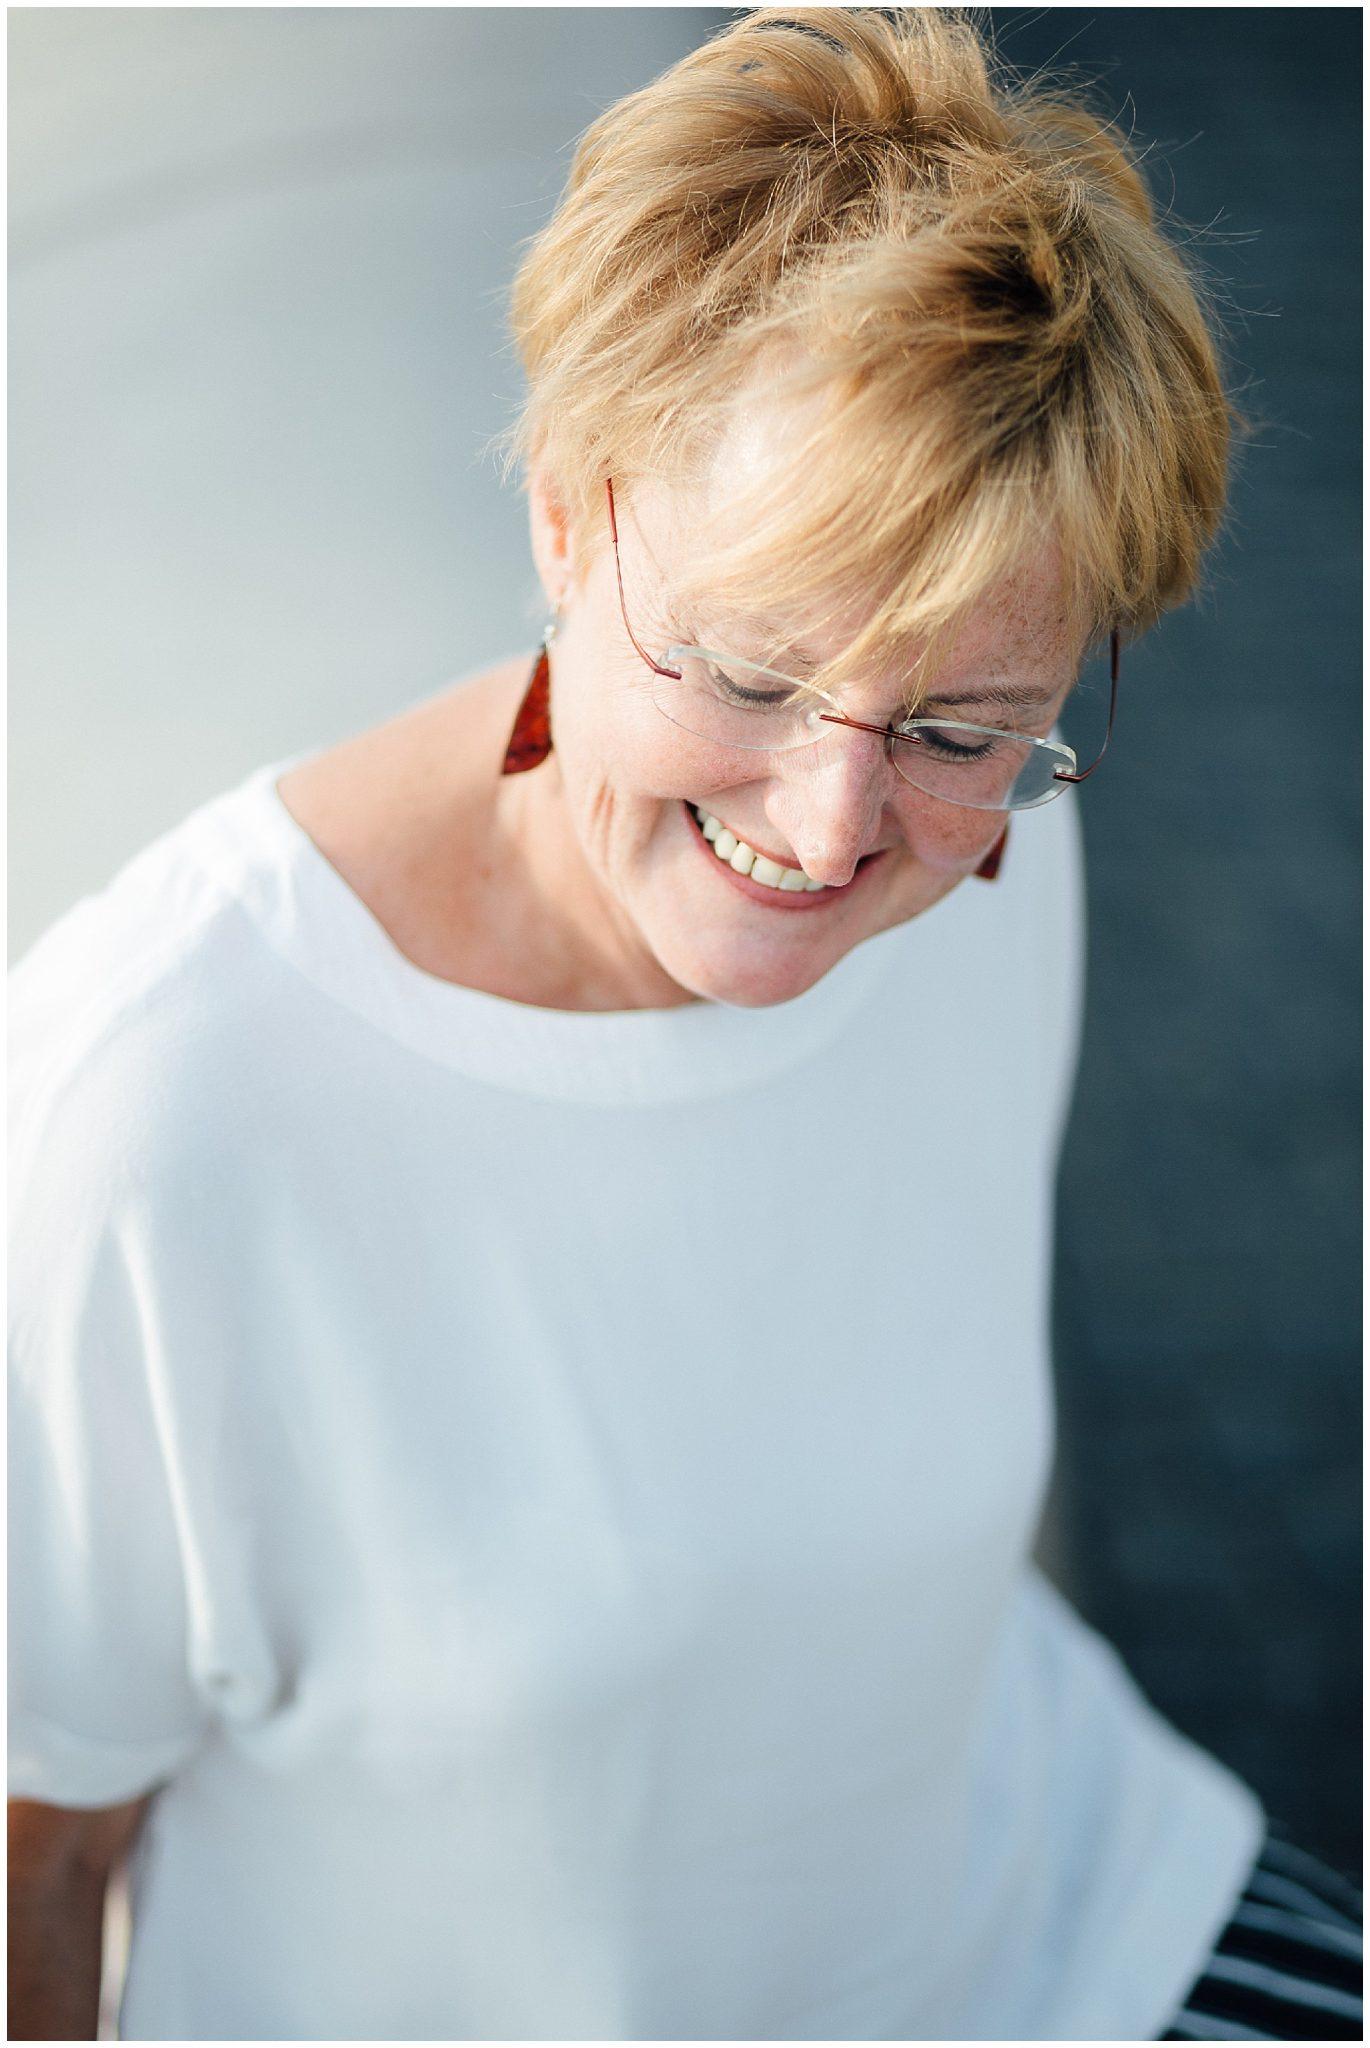 Portraitfoto einer lächelnden reiferen Dame